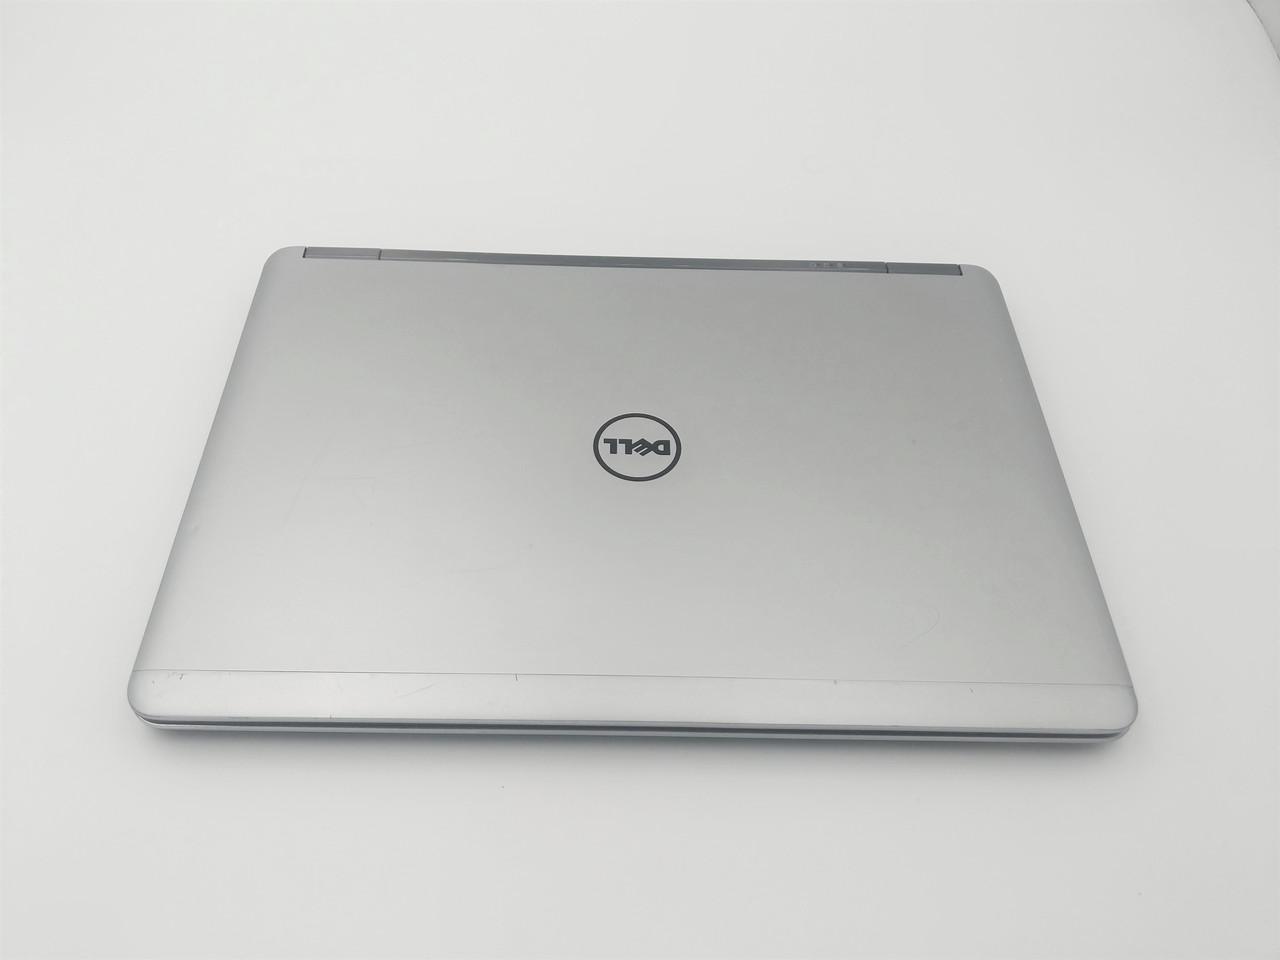 Б/У Dell Latitude E7440 14″ FullHD IPS  i5-4310U / 8Gb DDR3 /SSDНет в наличии 2